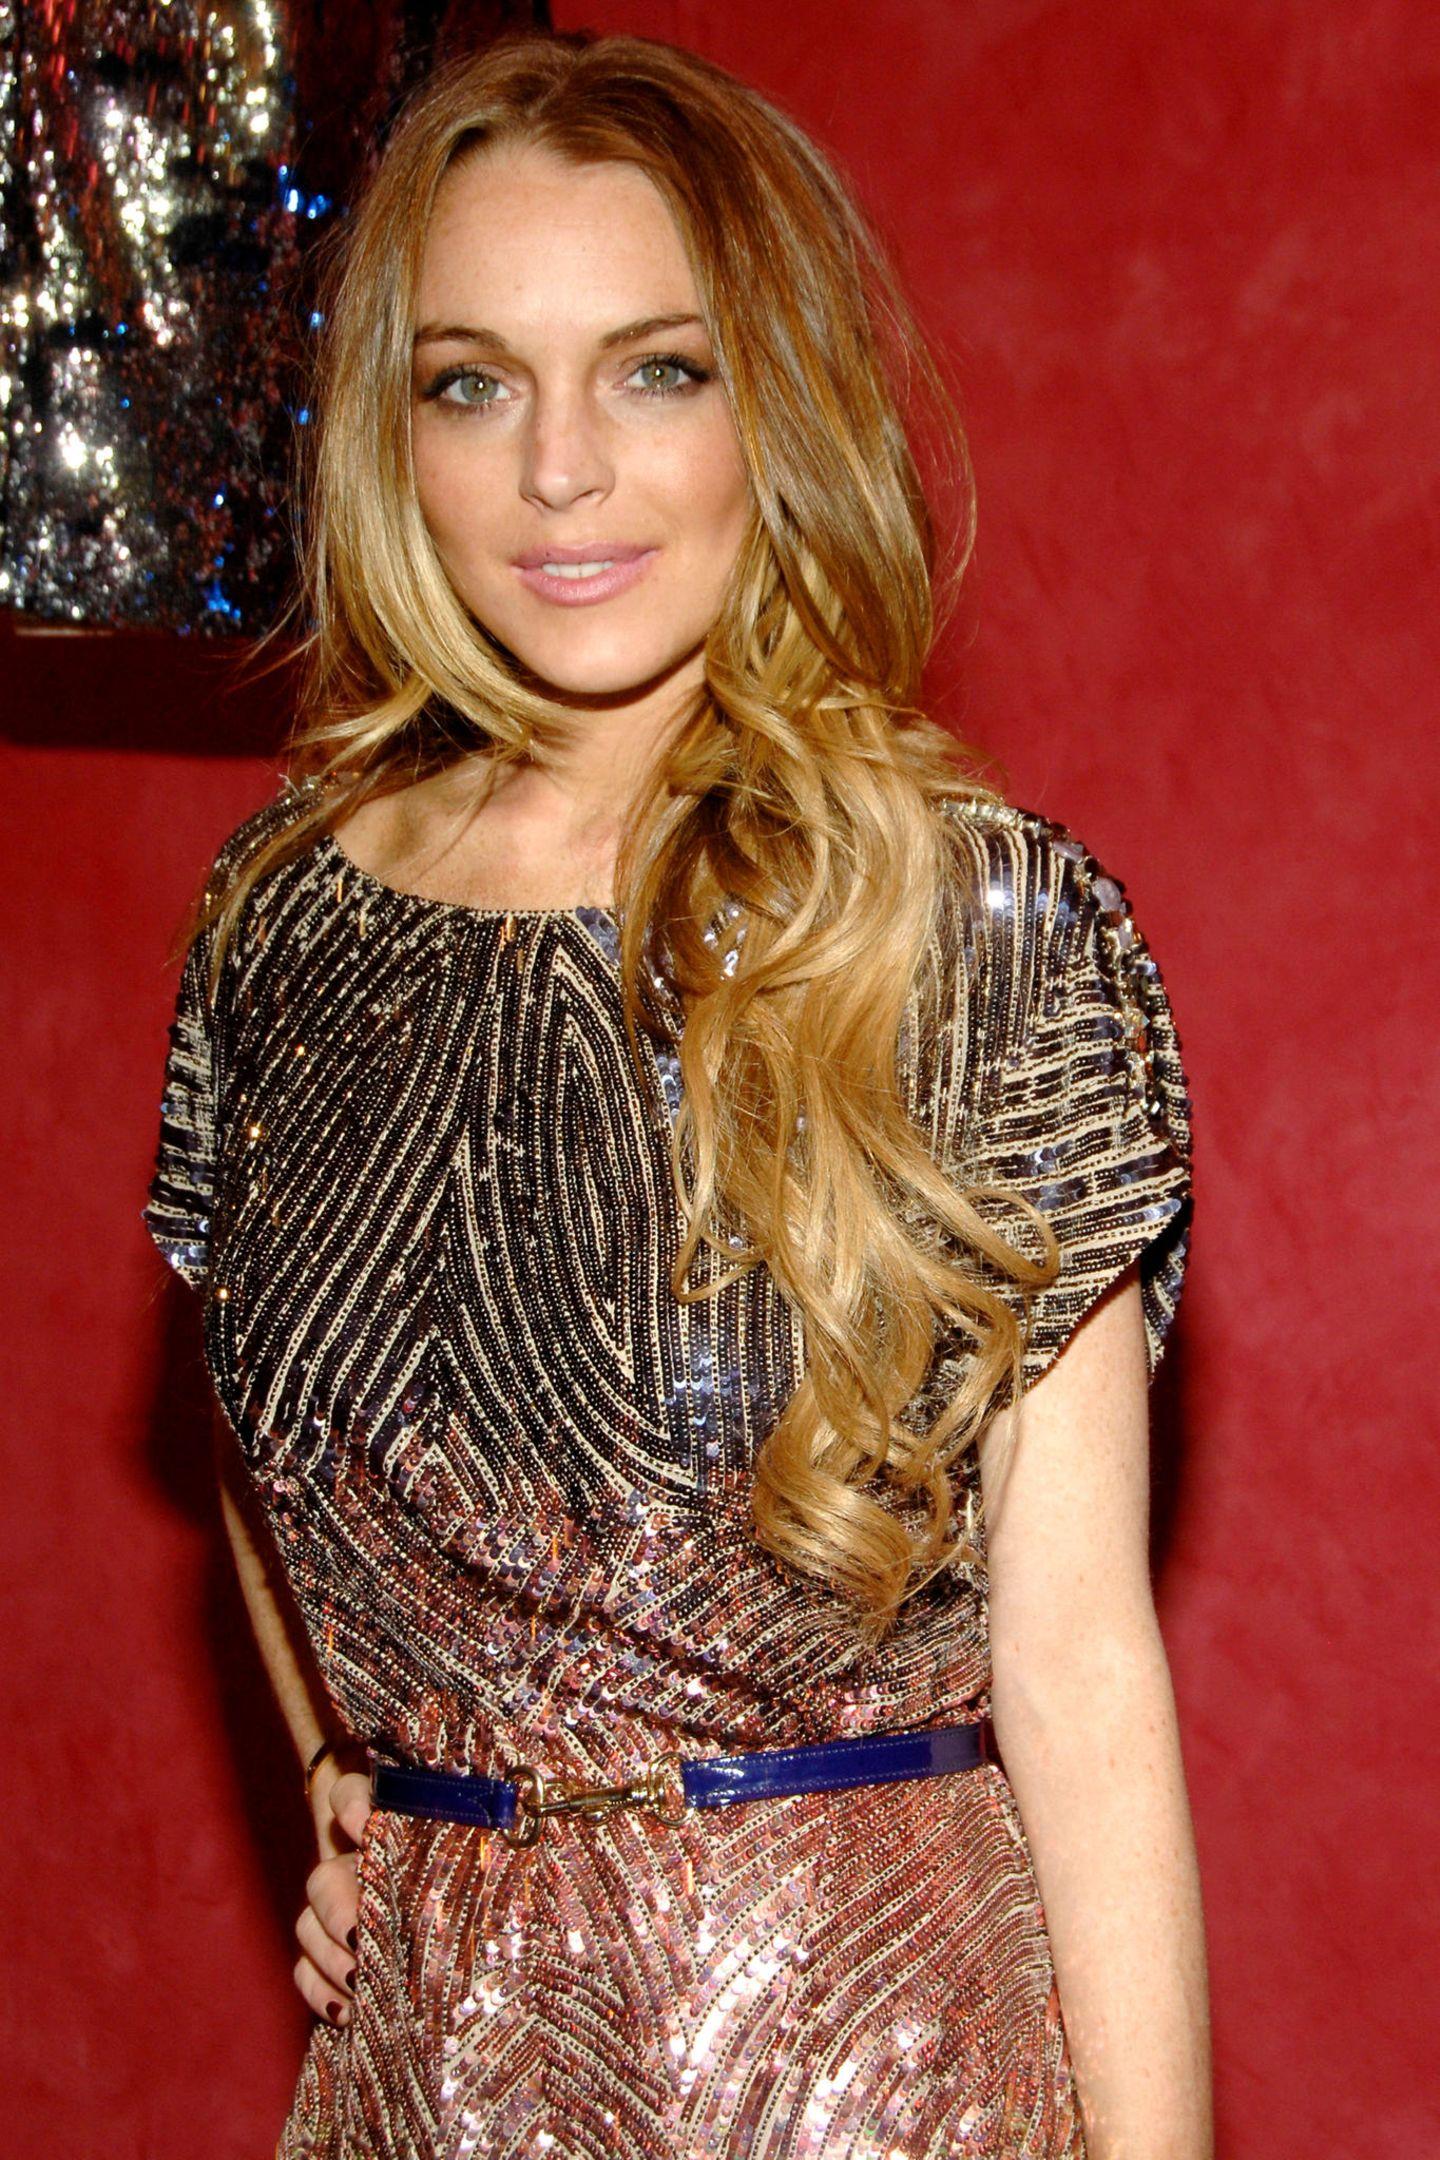 Schon im Kindesalter wird Lindsay Lohan als Schauspielerin berühmt und ist das Vorbild vieler Kids. Im Jahr 2009 strahlt die damals 23-Jährige noch mit einem natürlichen Lächelnin die Kamera. Rund zehn Jahre später sieht das etwas anders aus ...